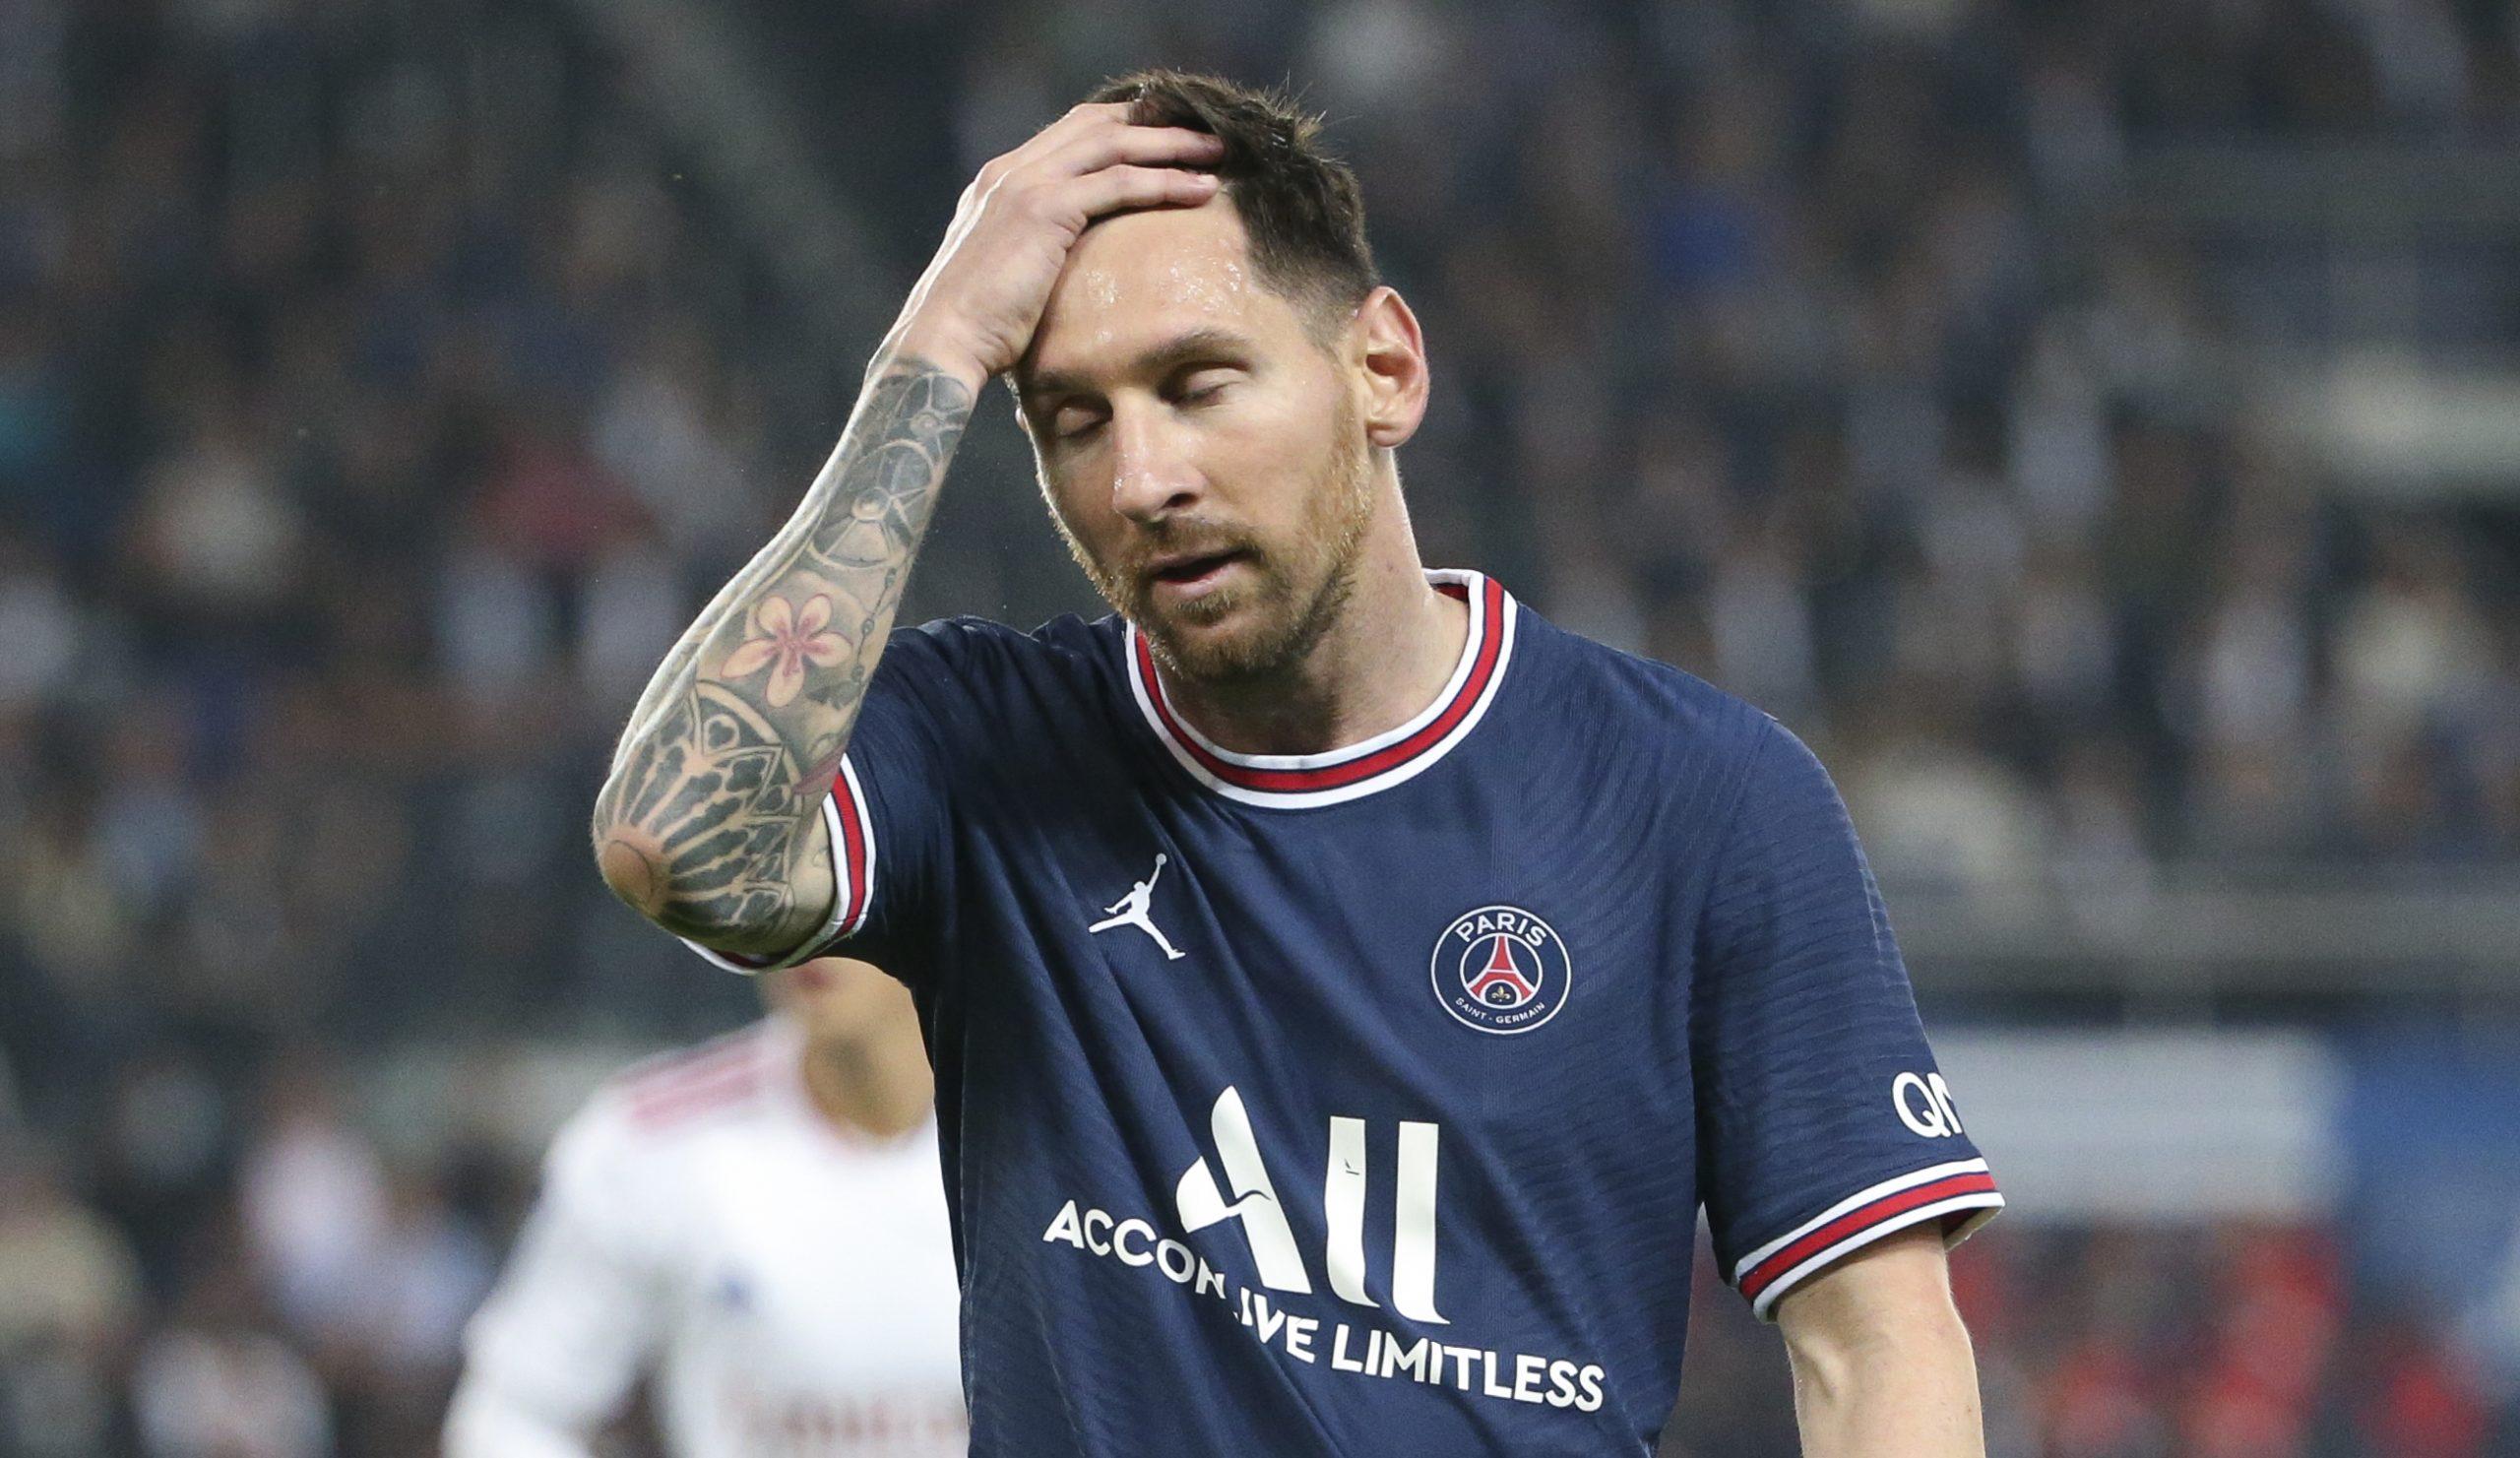 PSG descartó a Lionel Messi para el próximo partido y es duda para enfrentar al Manchester City